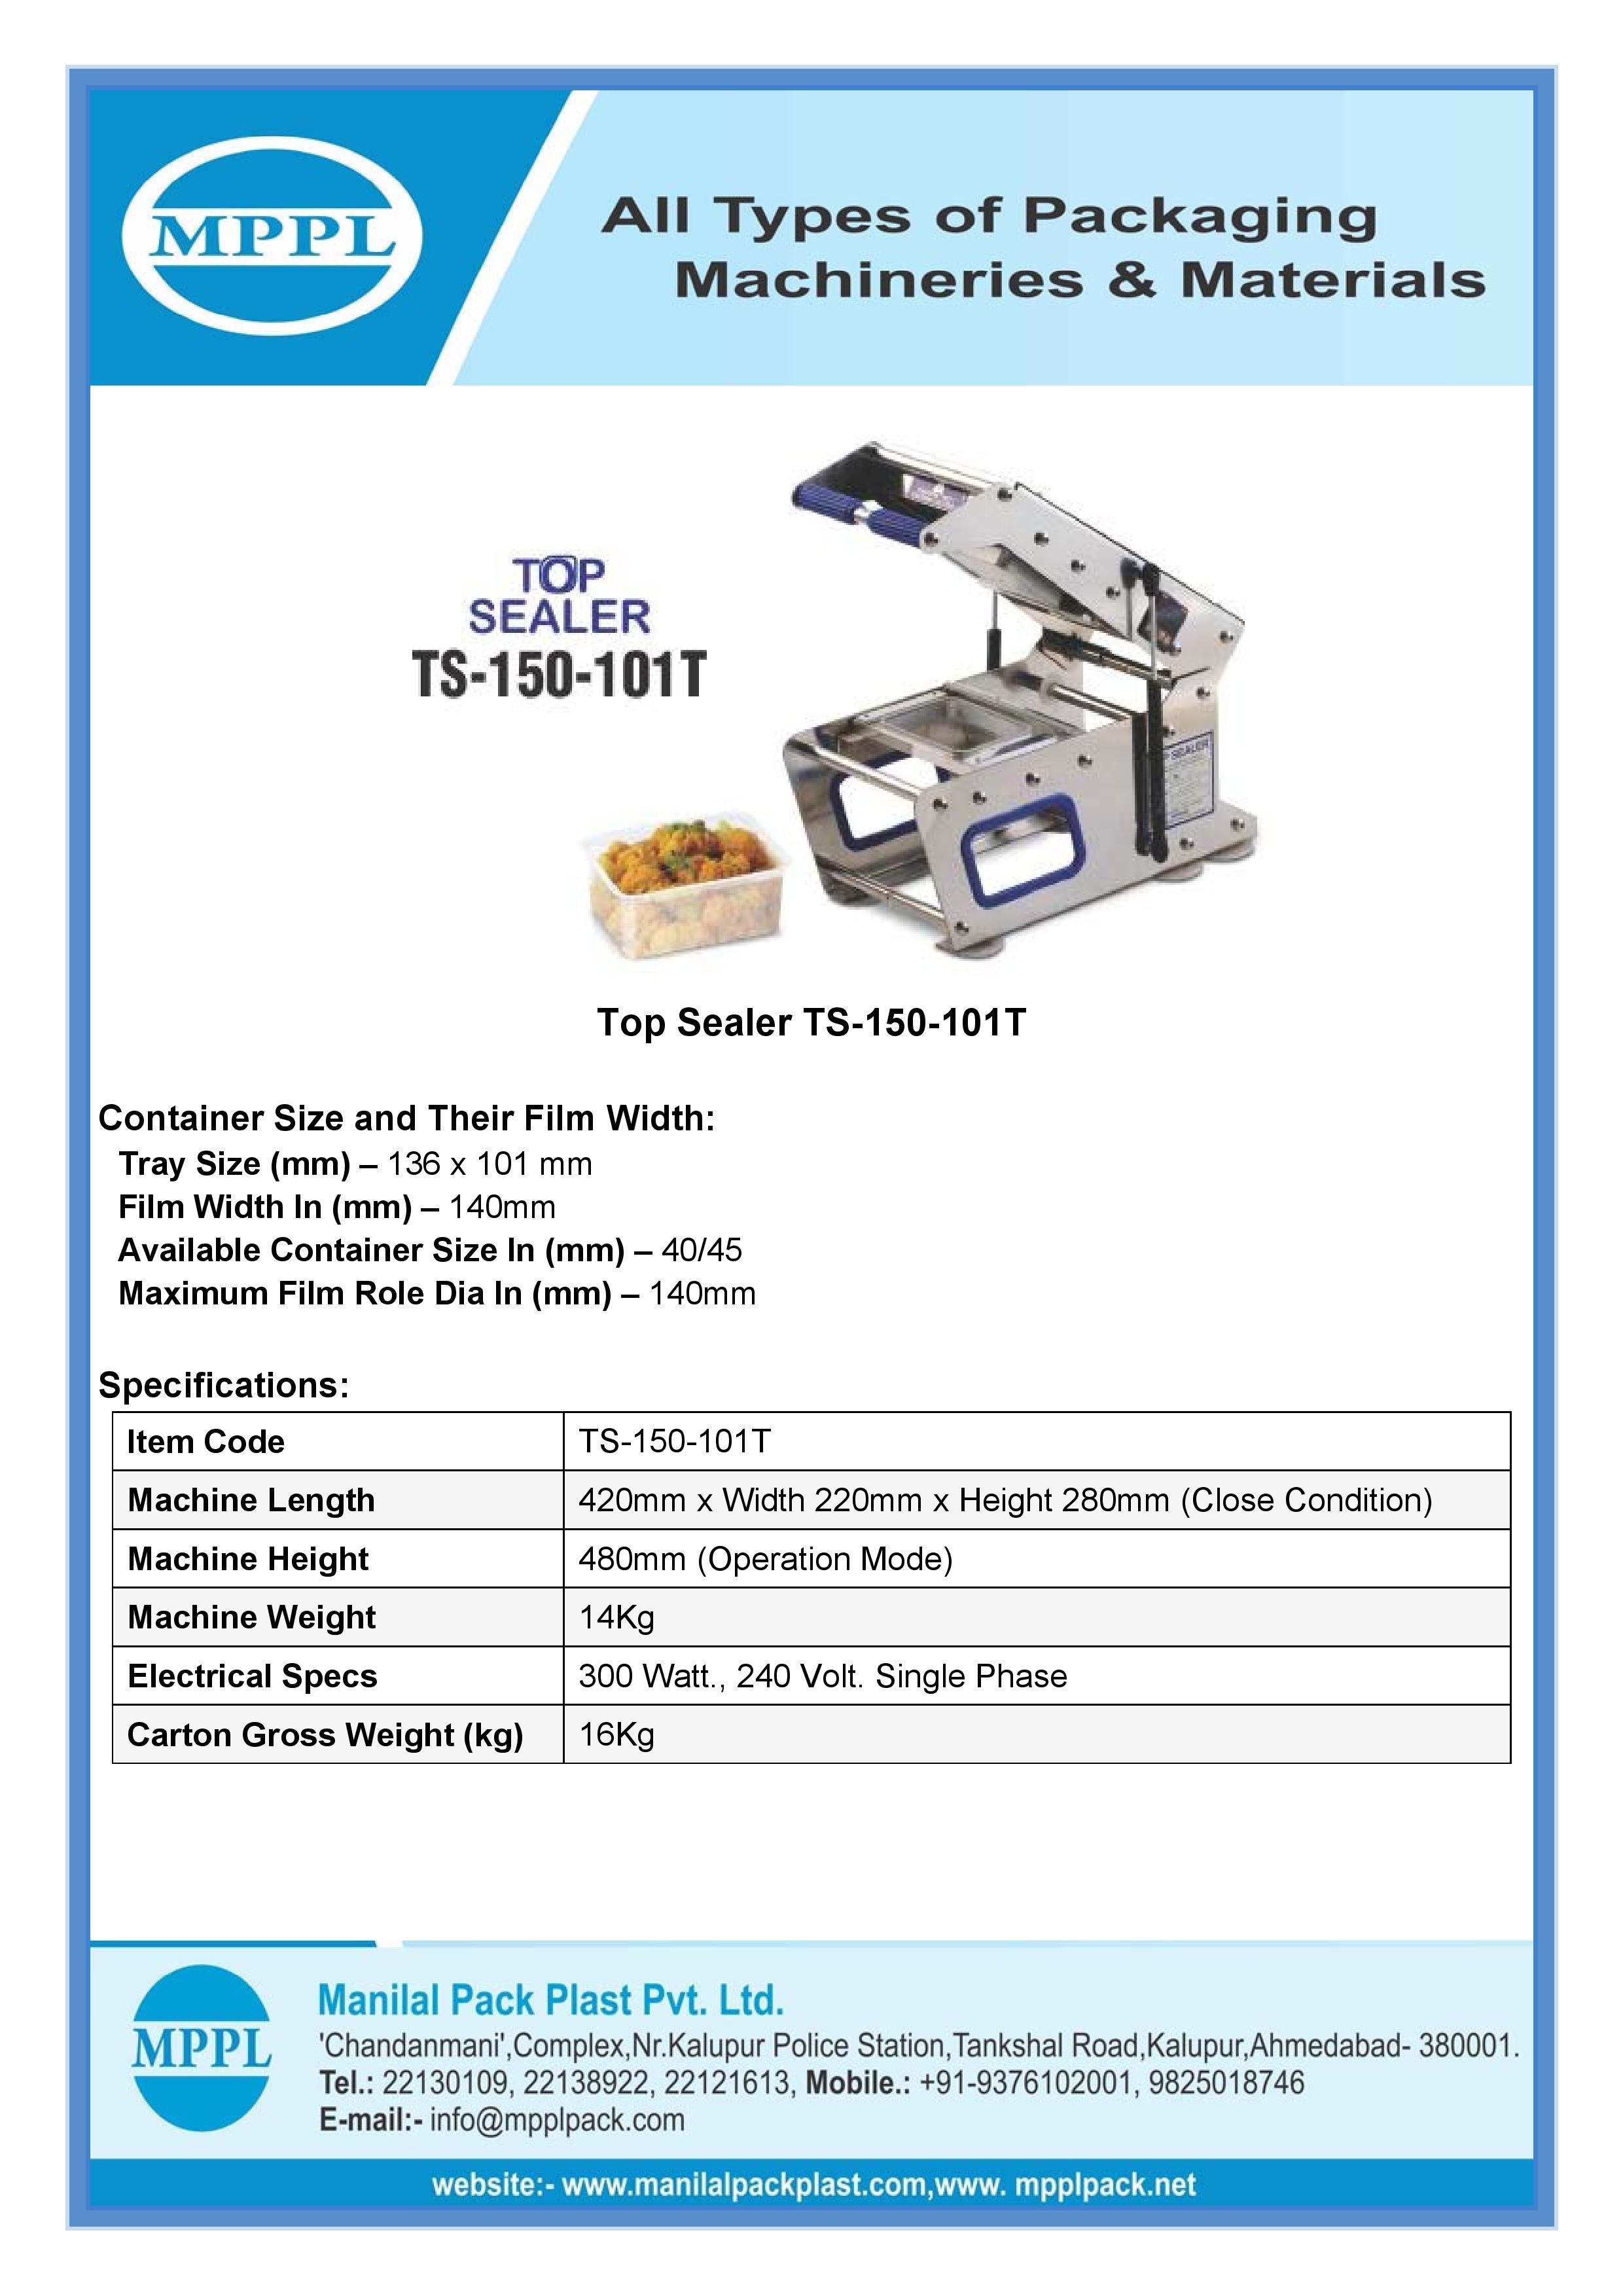 Top Sealer TS-150-101T